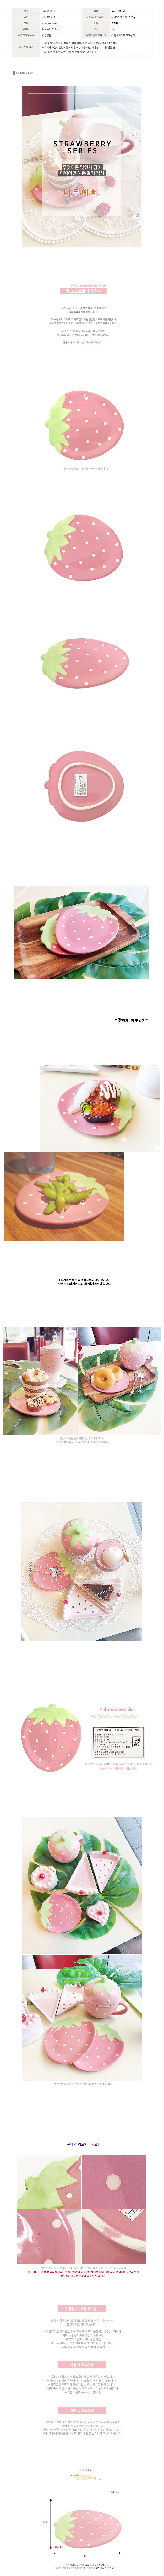 핑크 스트로베리 접시 - 컨츄리아이템, 6,500원, 접시/찬기, 접시